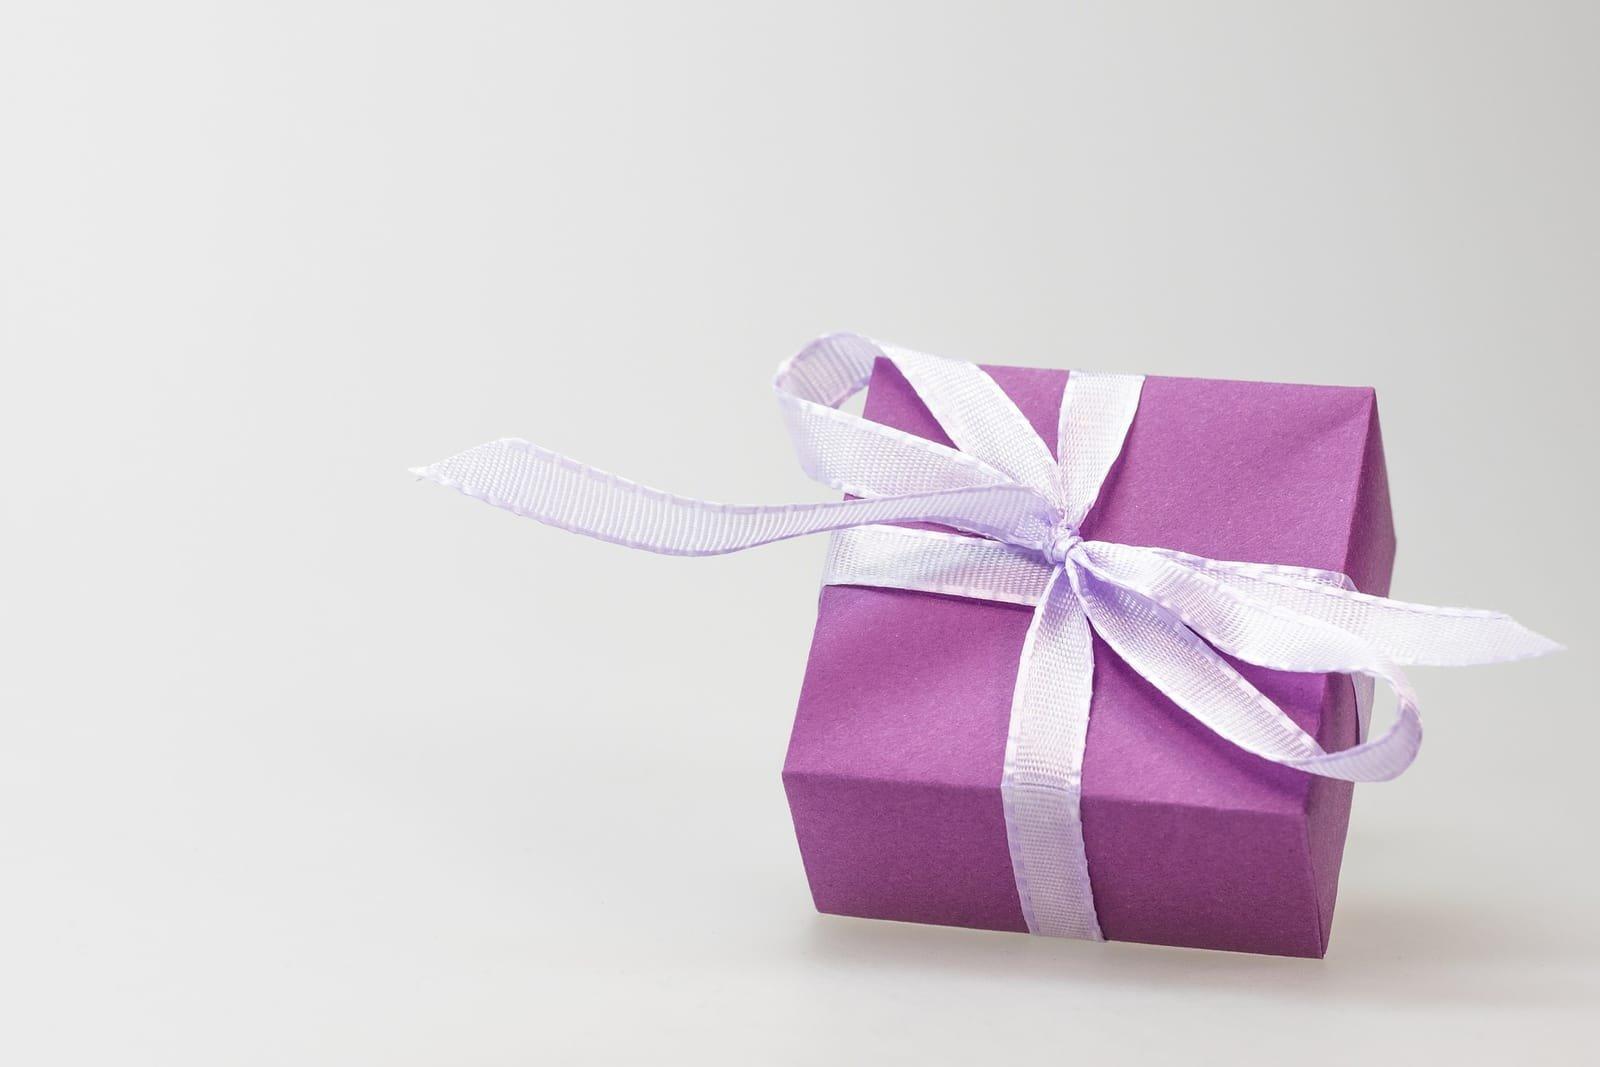 Mitarbeiter Weihnachtsgeschenke Steuerfrei.Geschenke An Mitarbeiter Und Geschäftsfreunde Fm Advisory Services